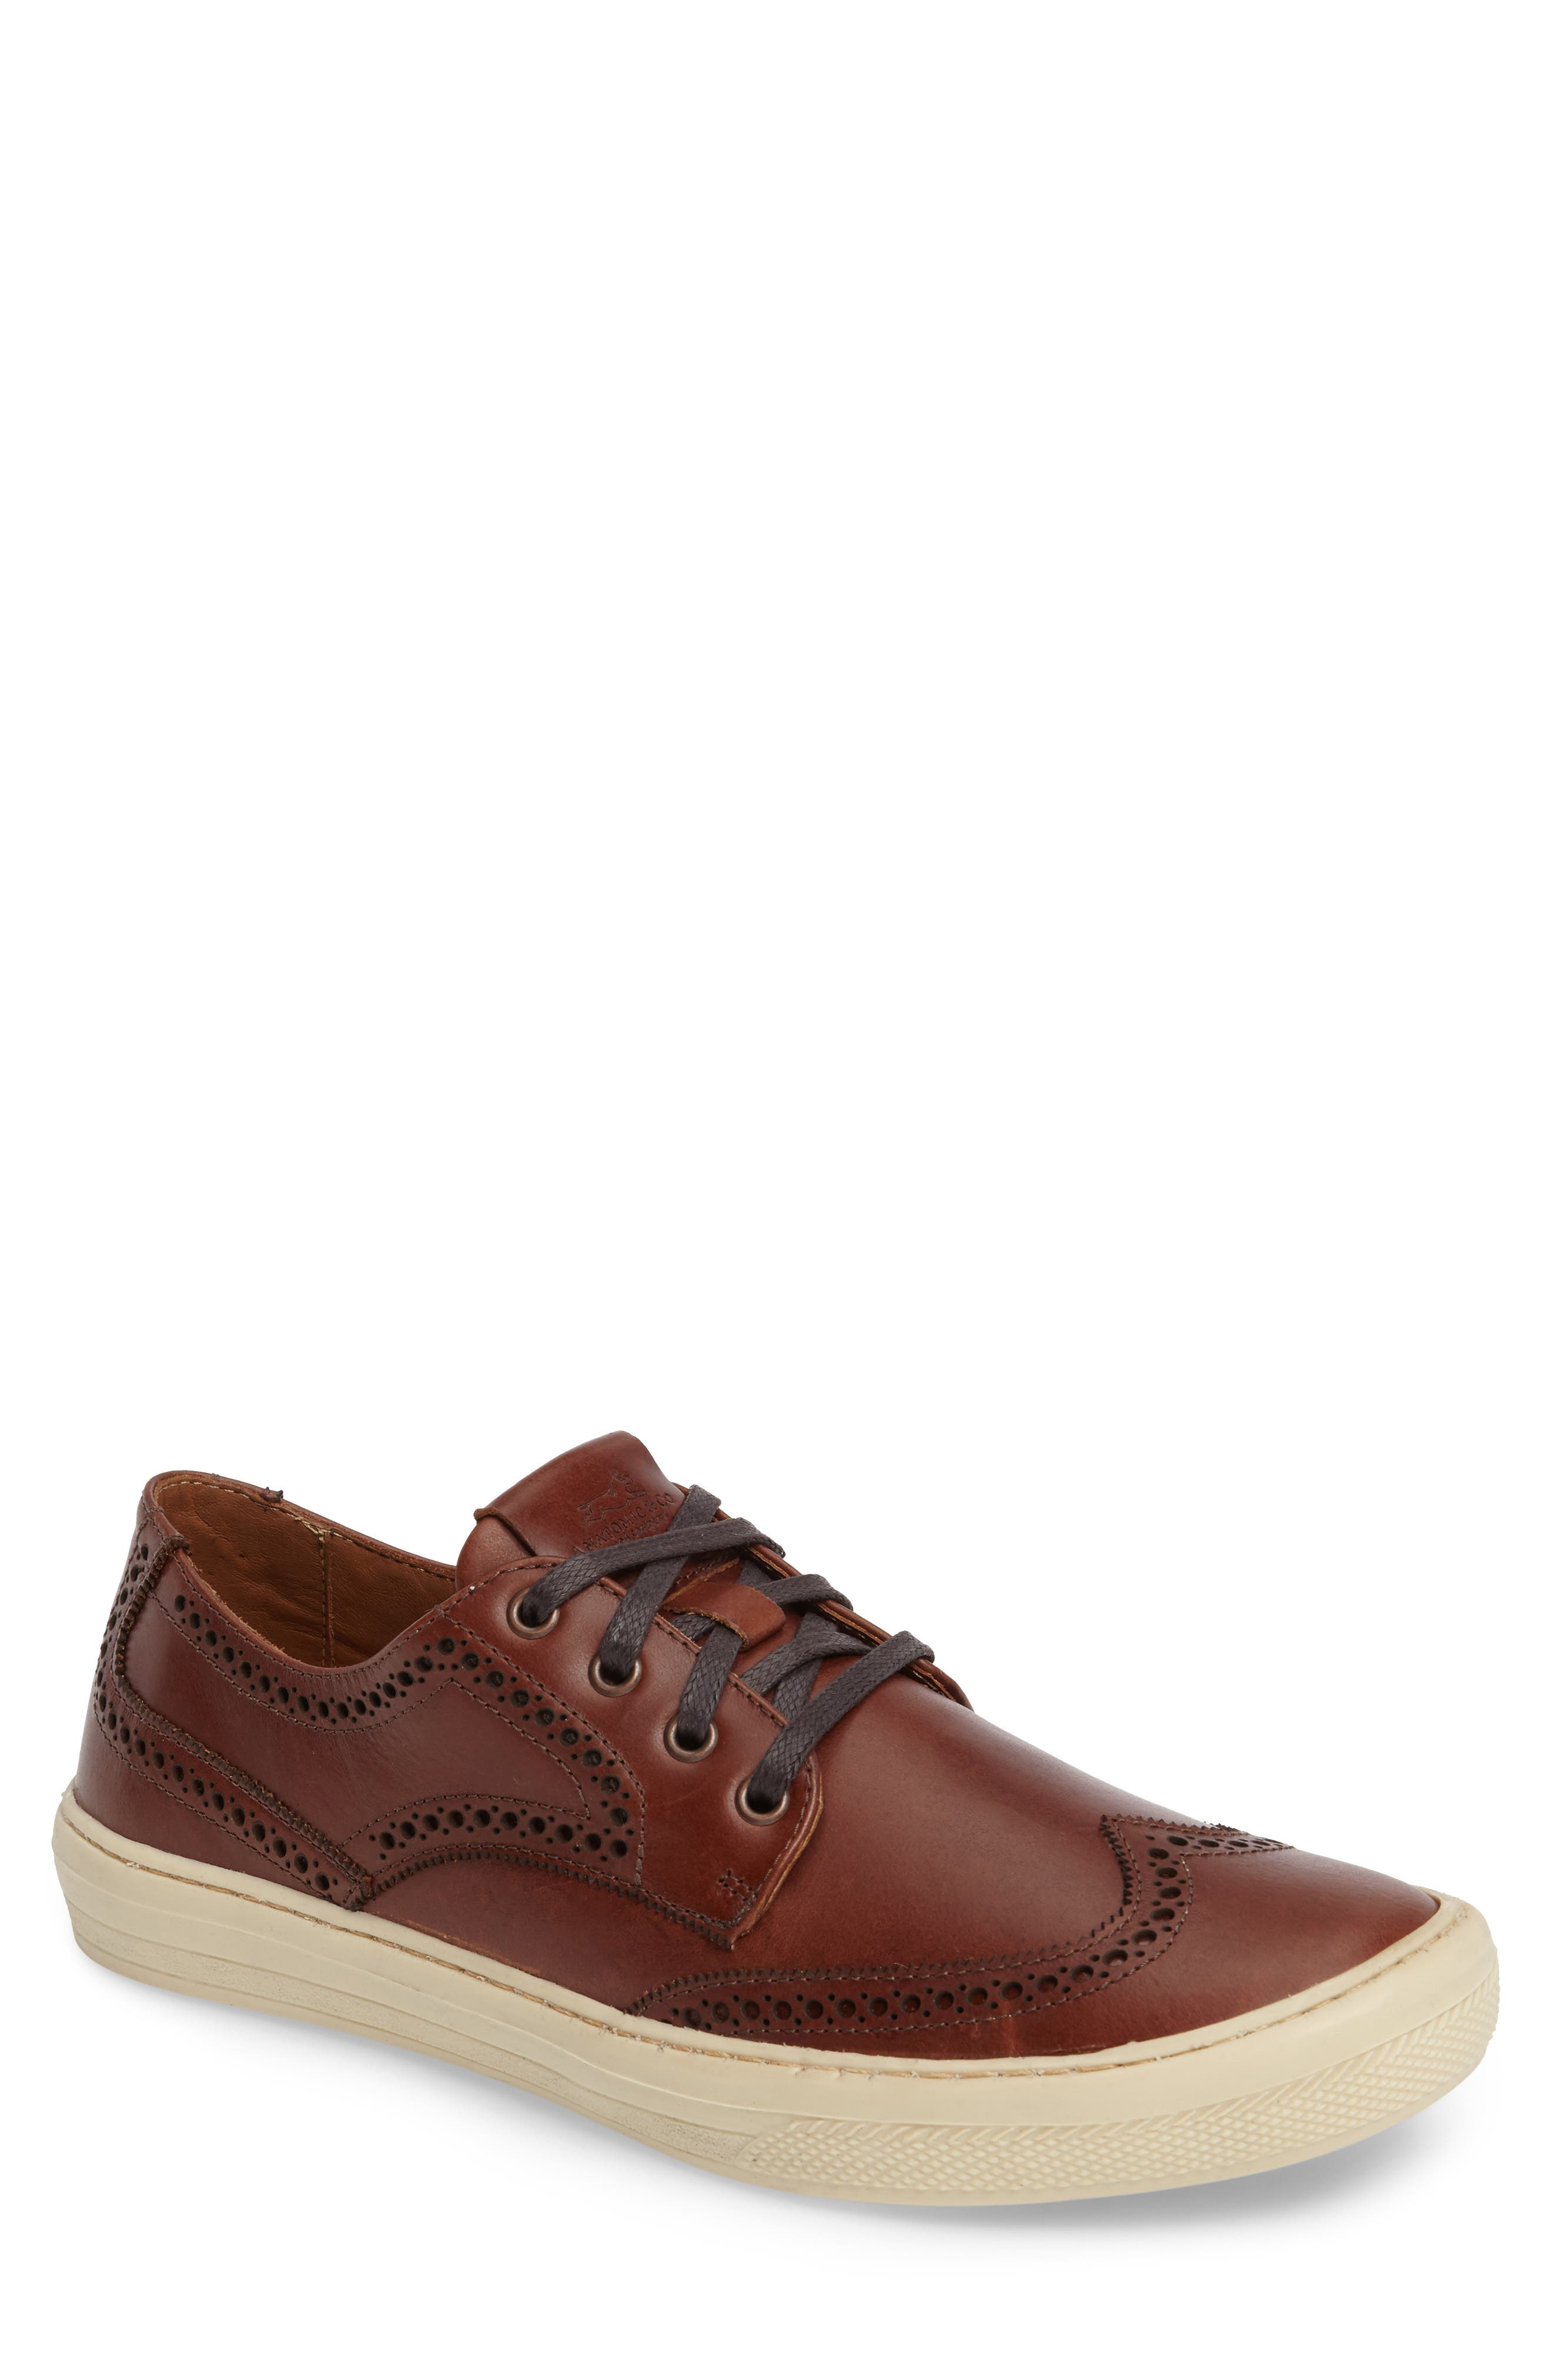 Bariri Wingtip Sneaker,                         Main,                         color, 200